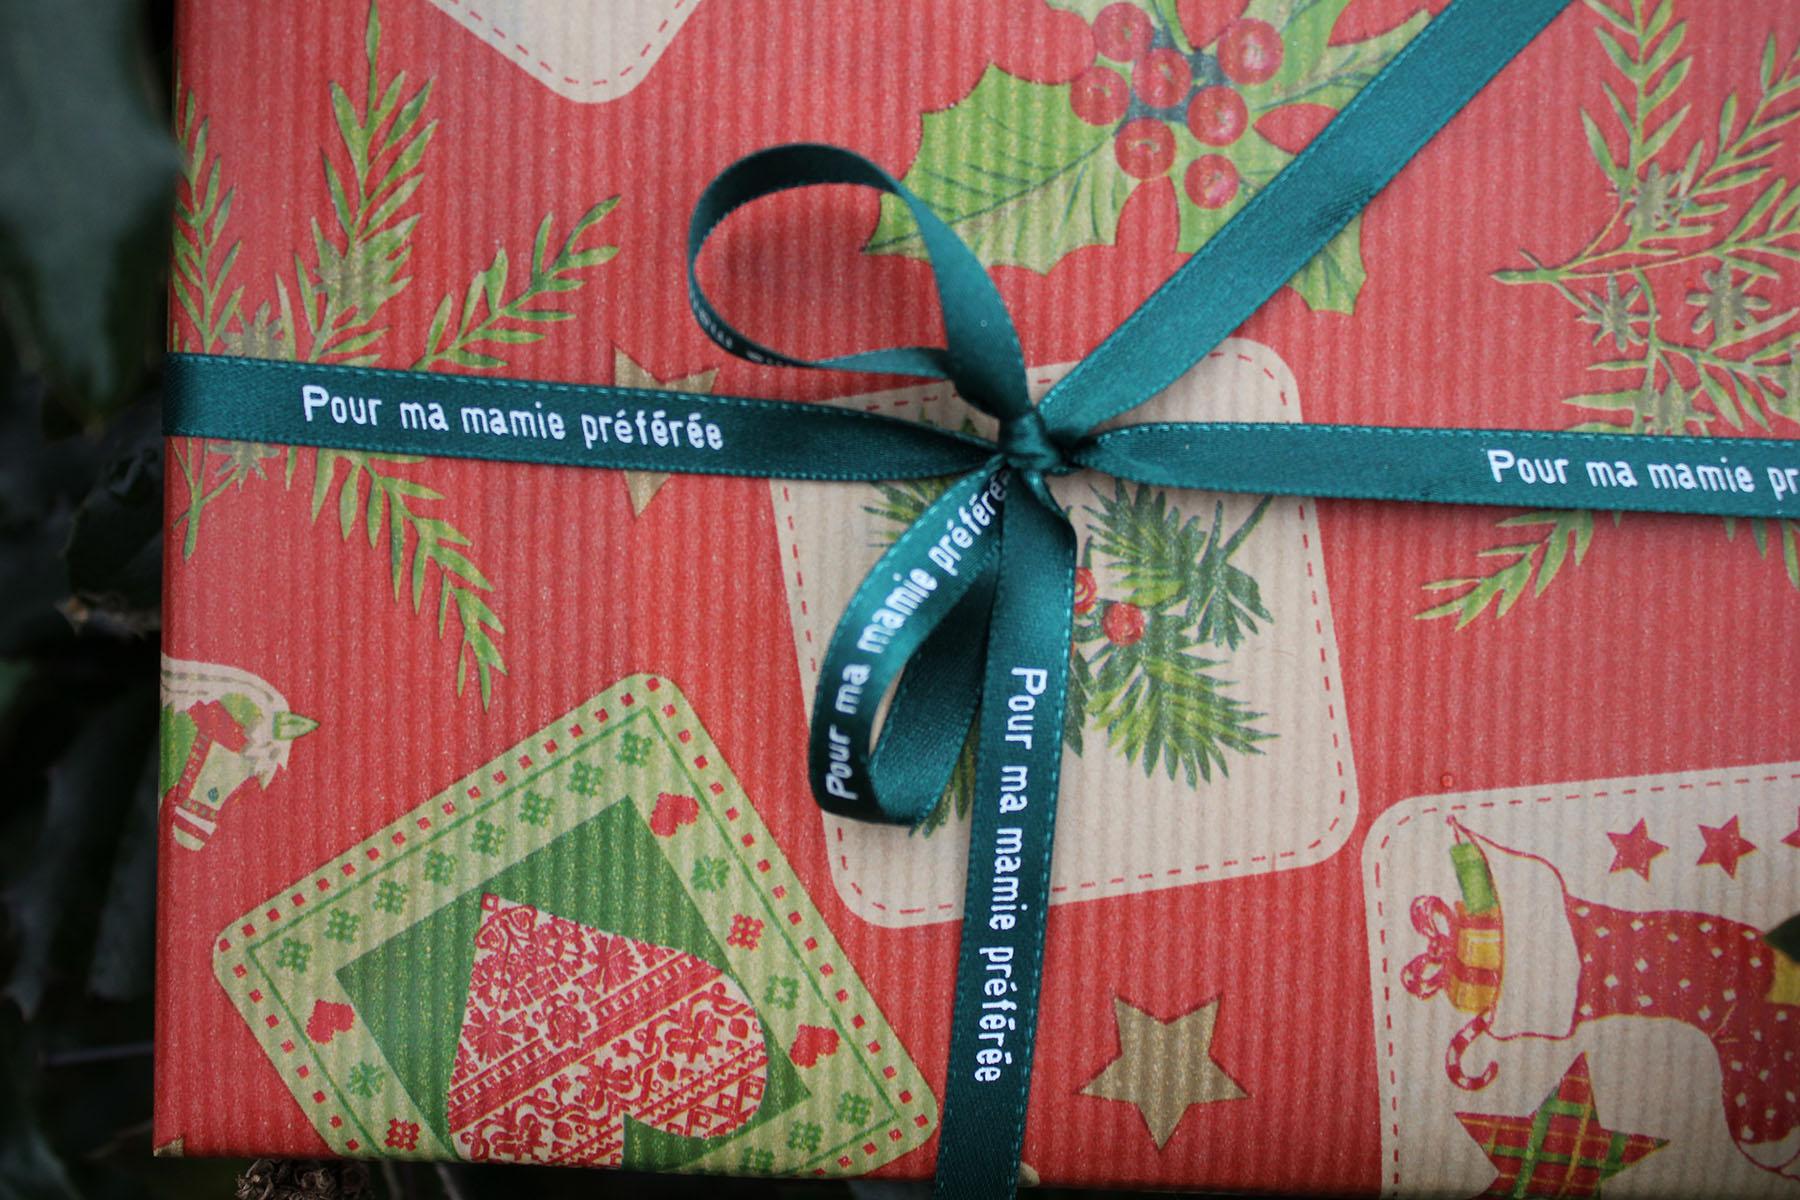 Personnalisez vos cadeaux avec des rubans en satin